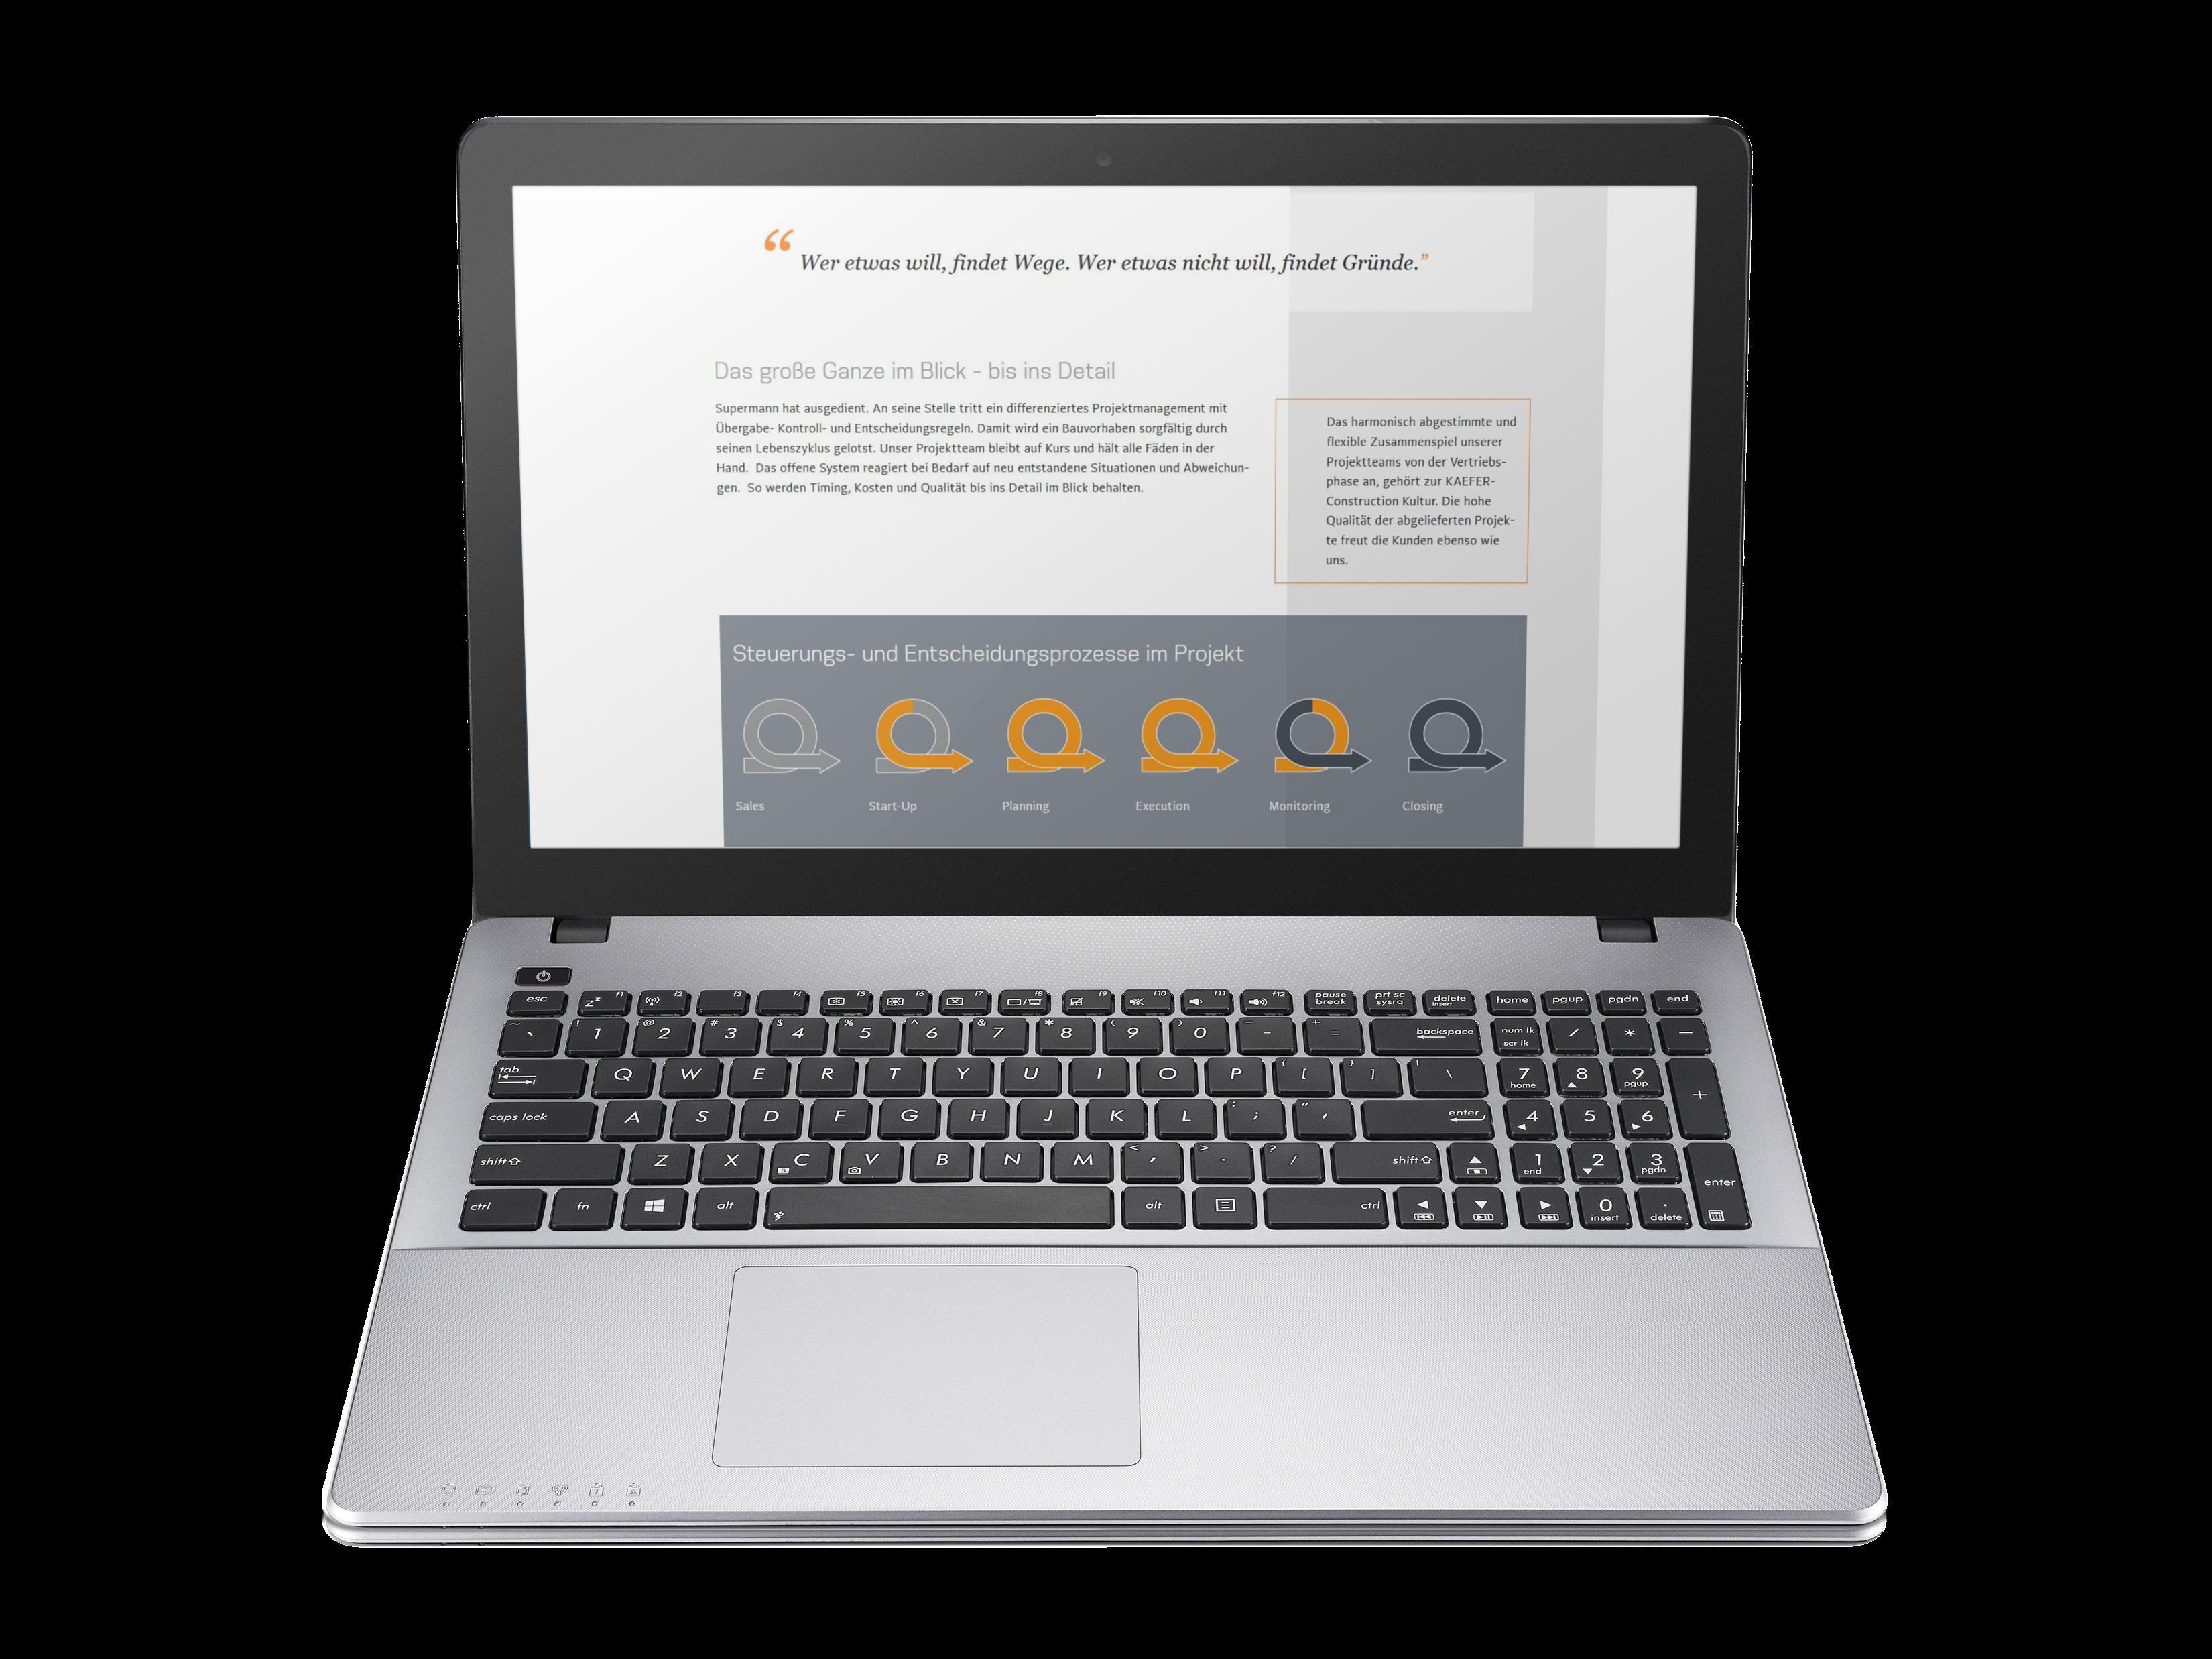 Mockup Cocon Website projektvorgehen